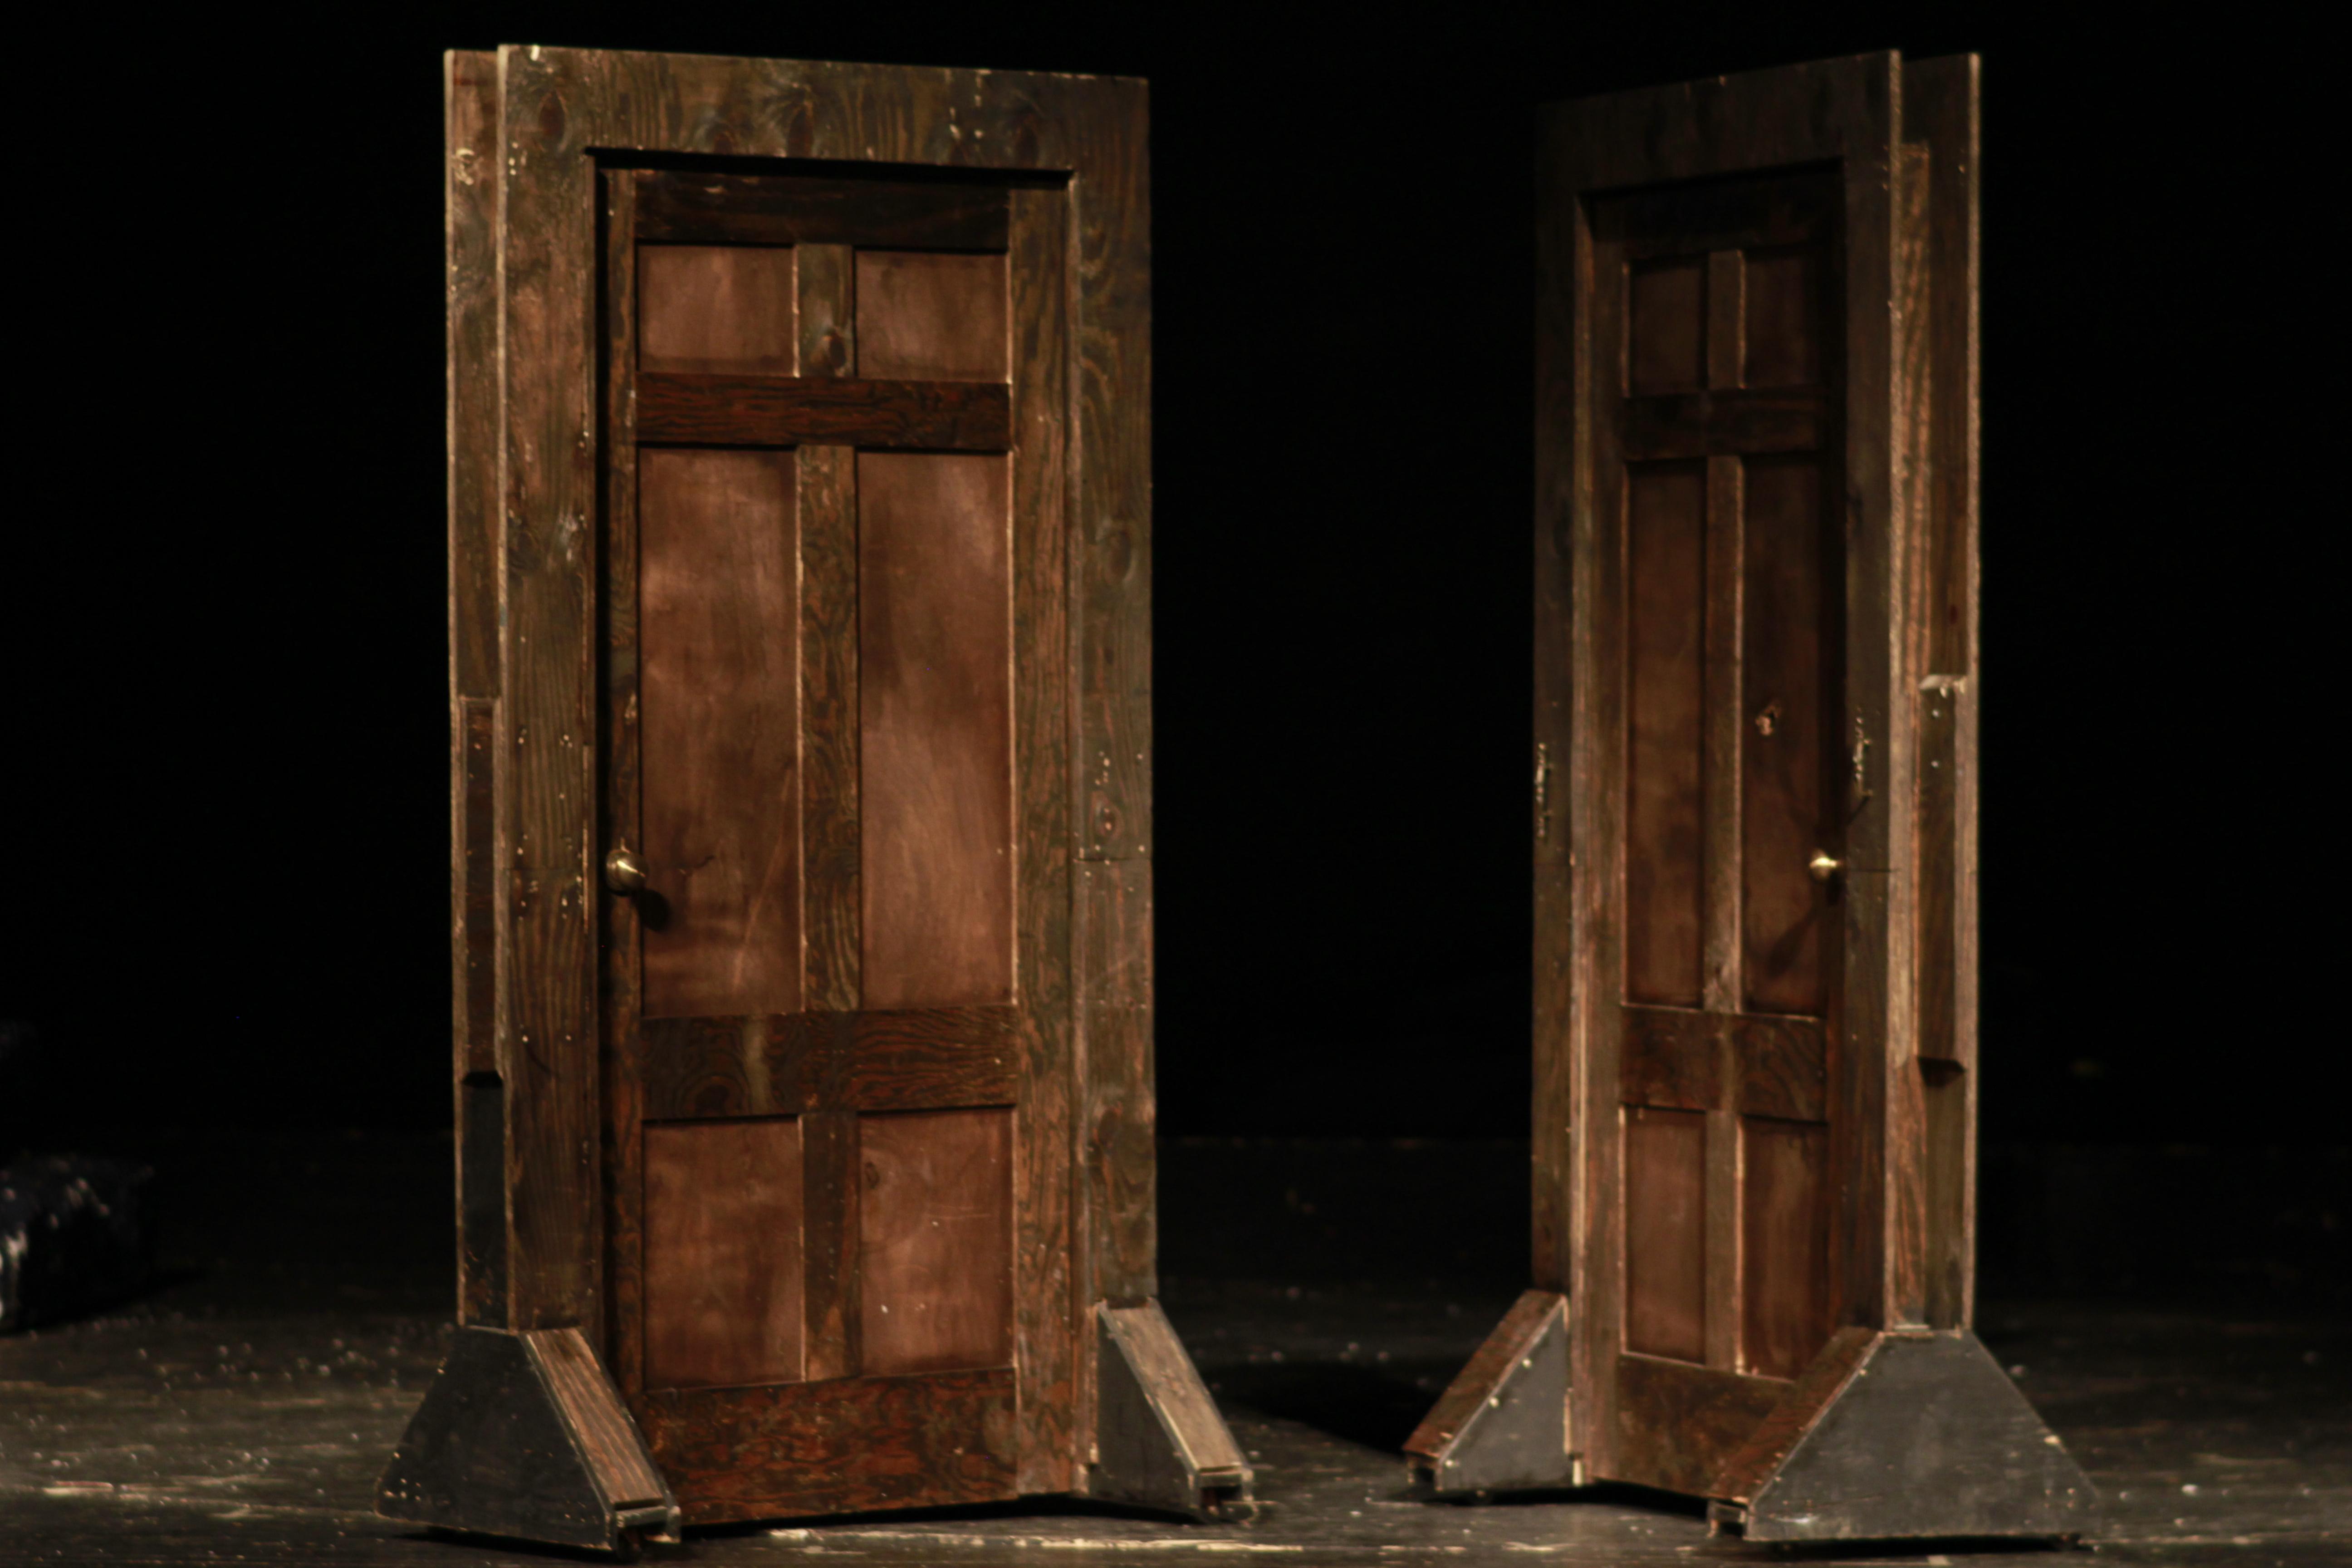 Door, Freestanding Old Wooden Square